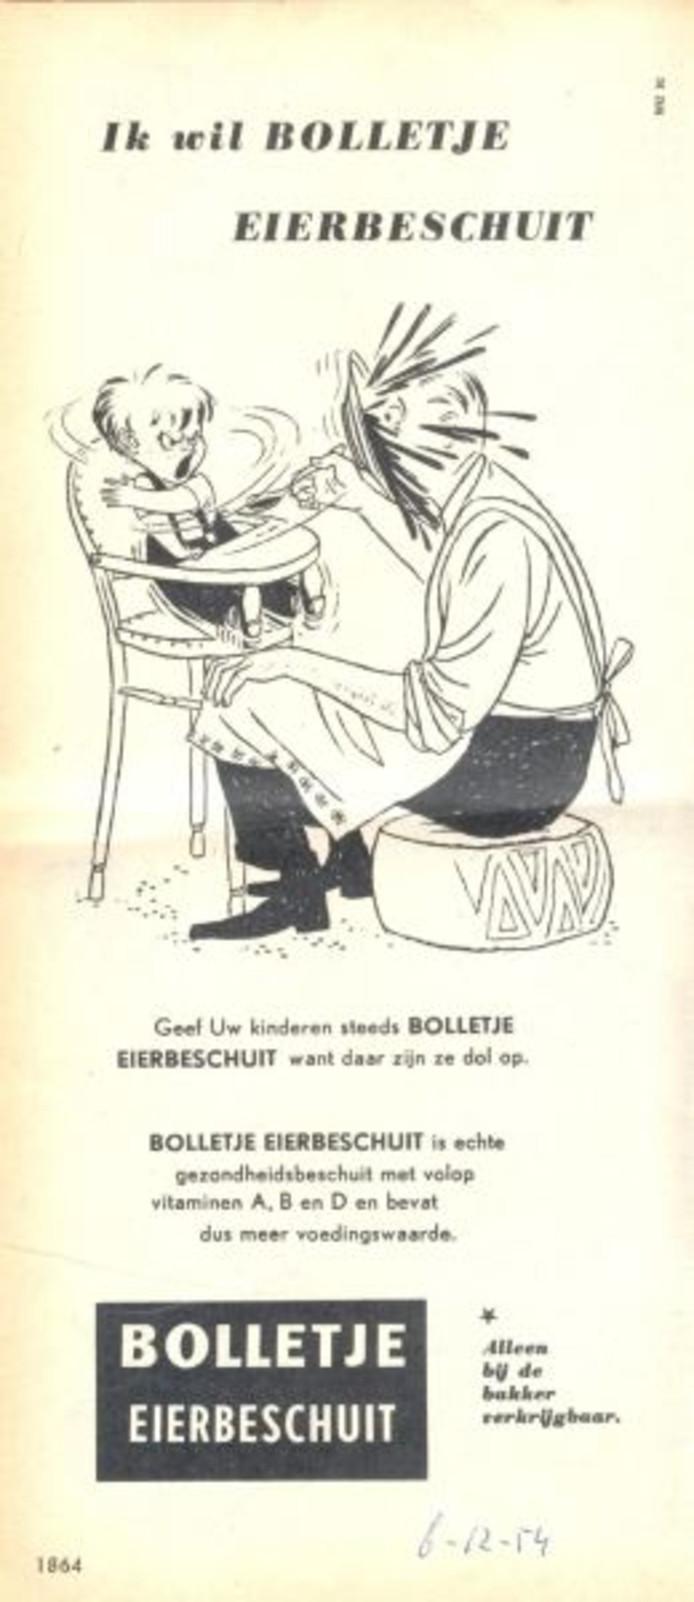 Reclame uit 1954